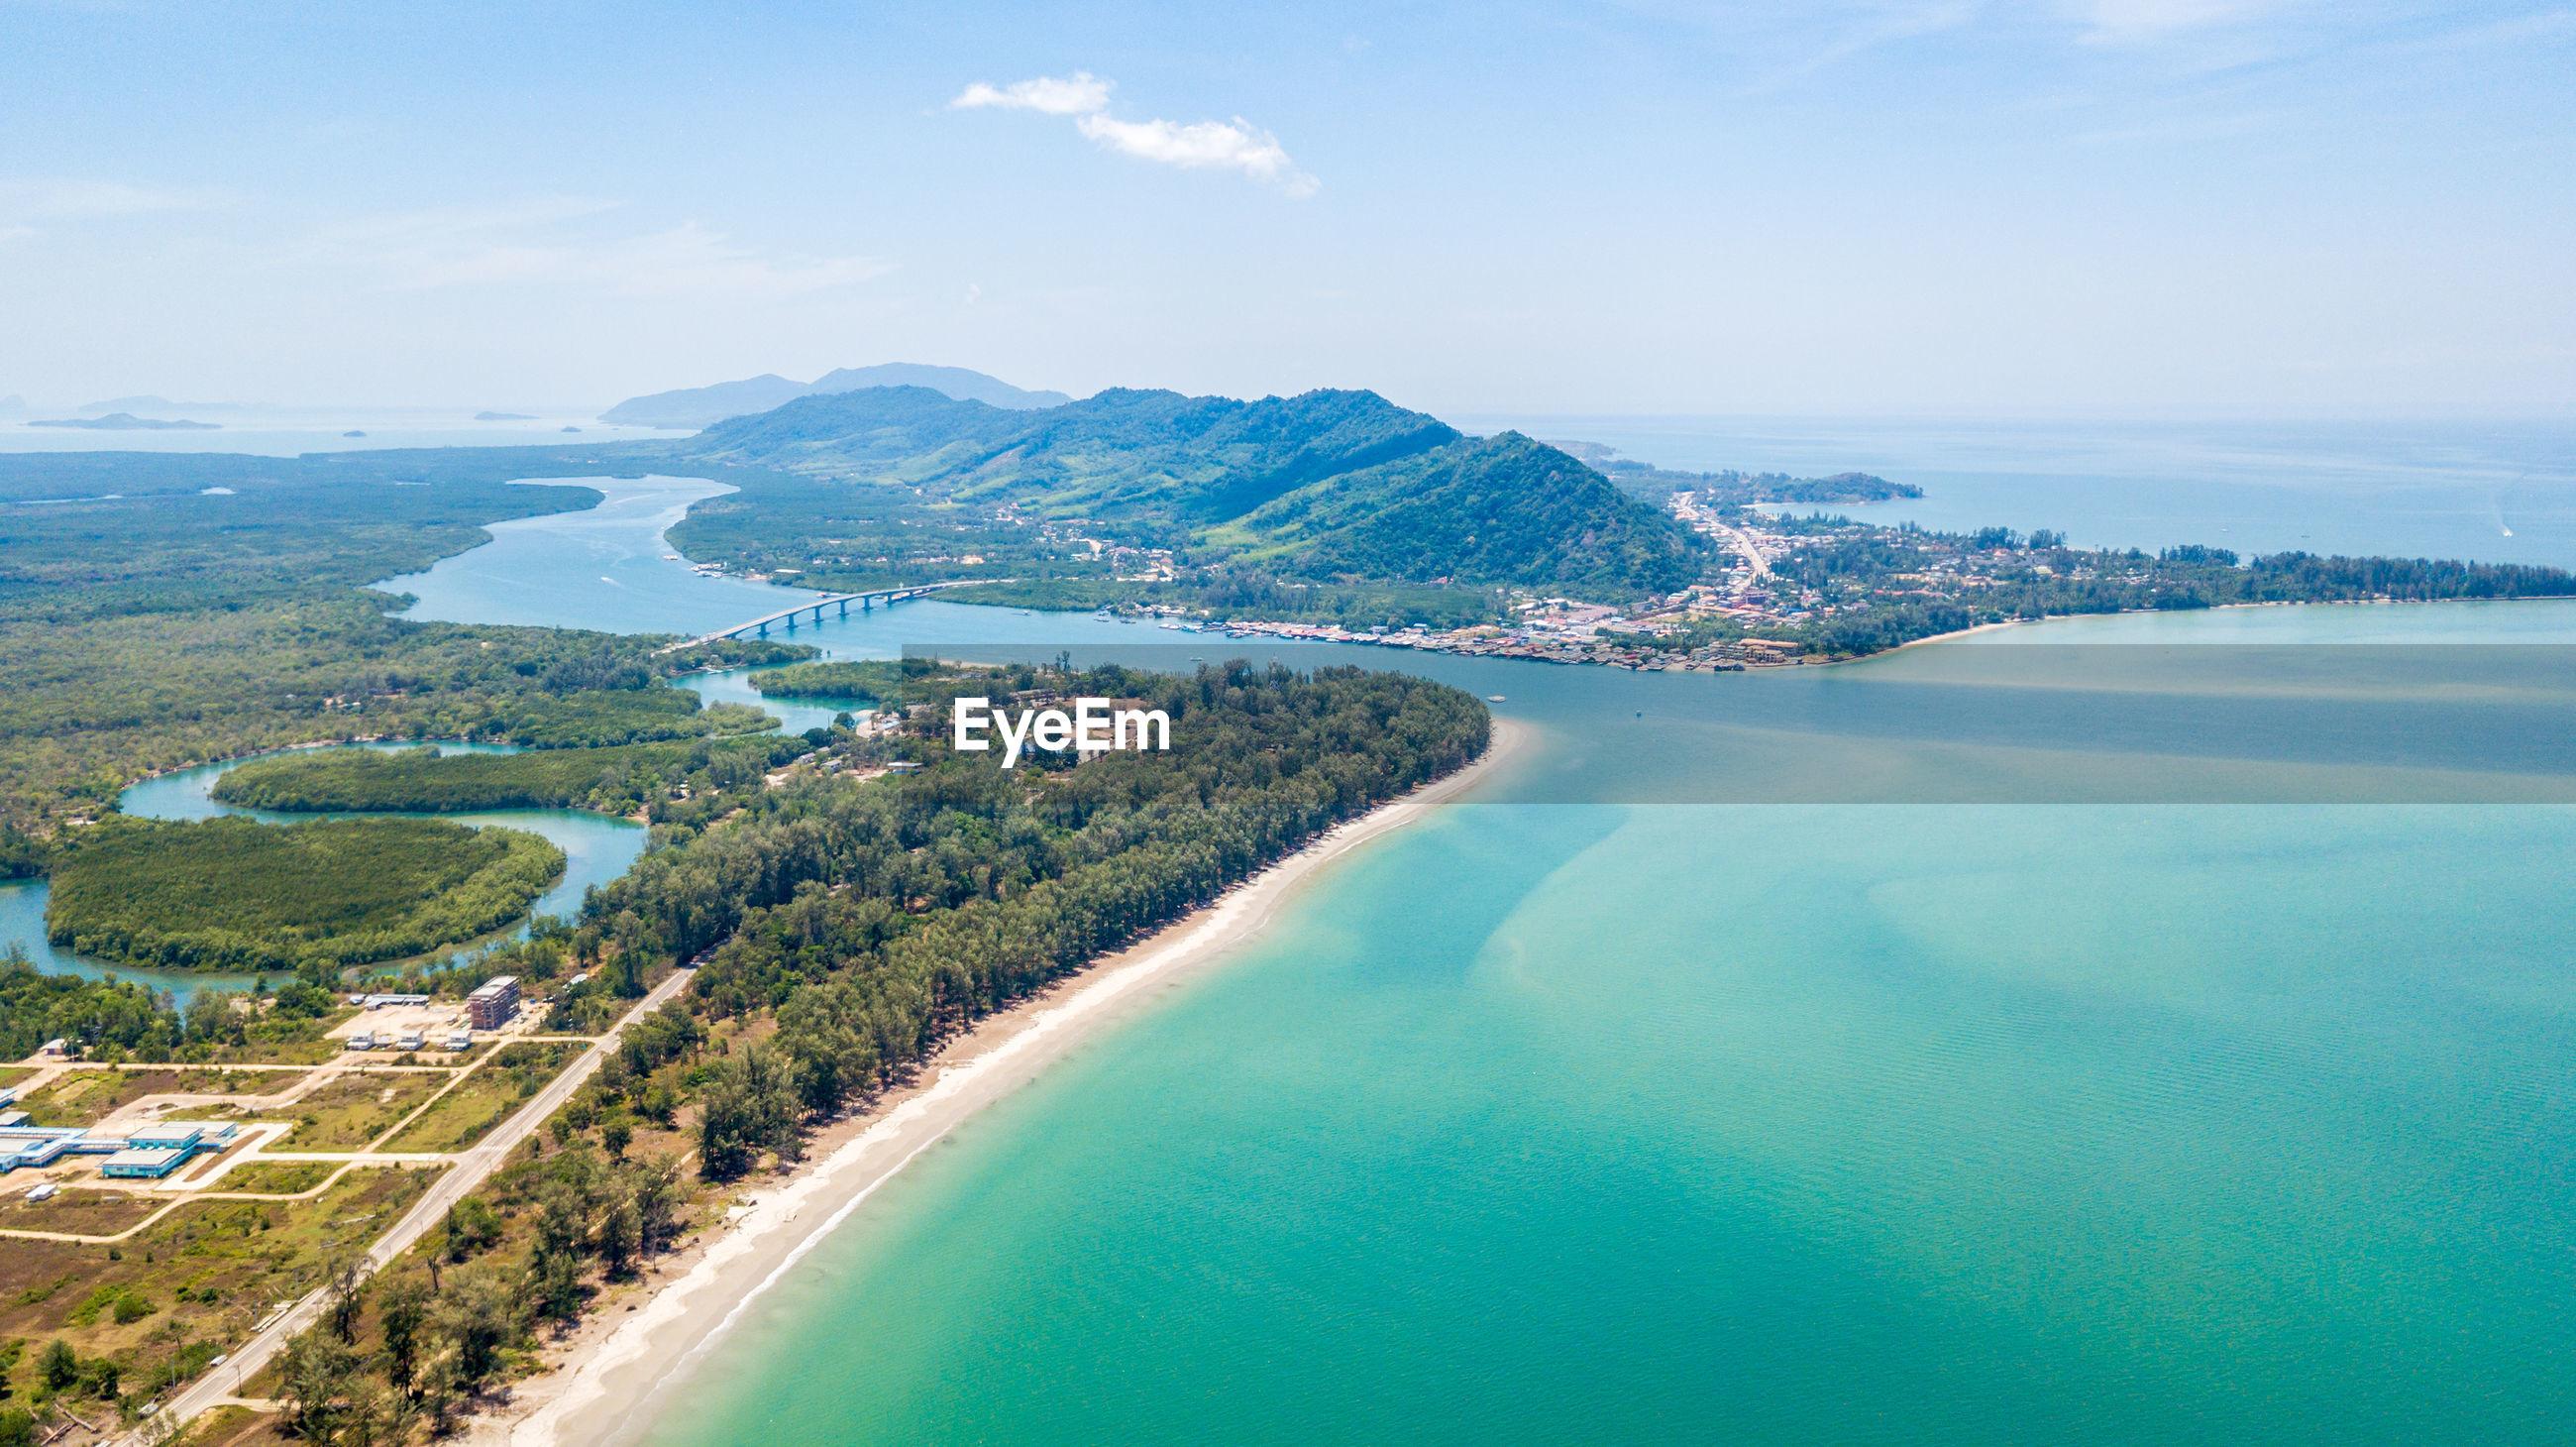 An aerial view of lanta noi island and lanta isaland